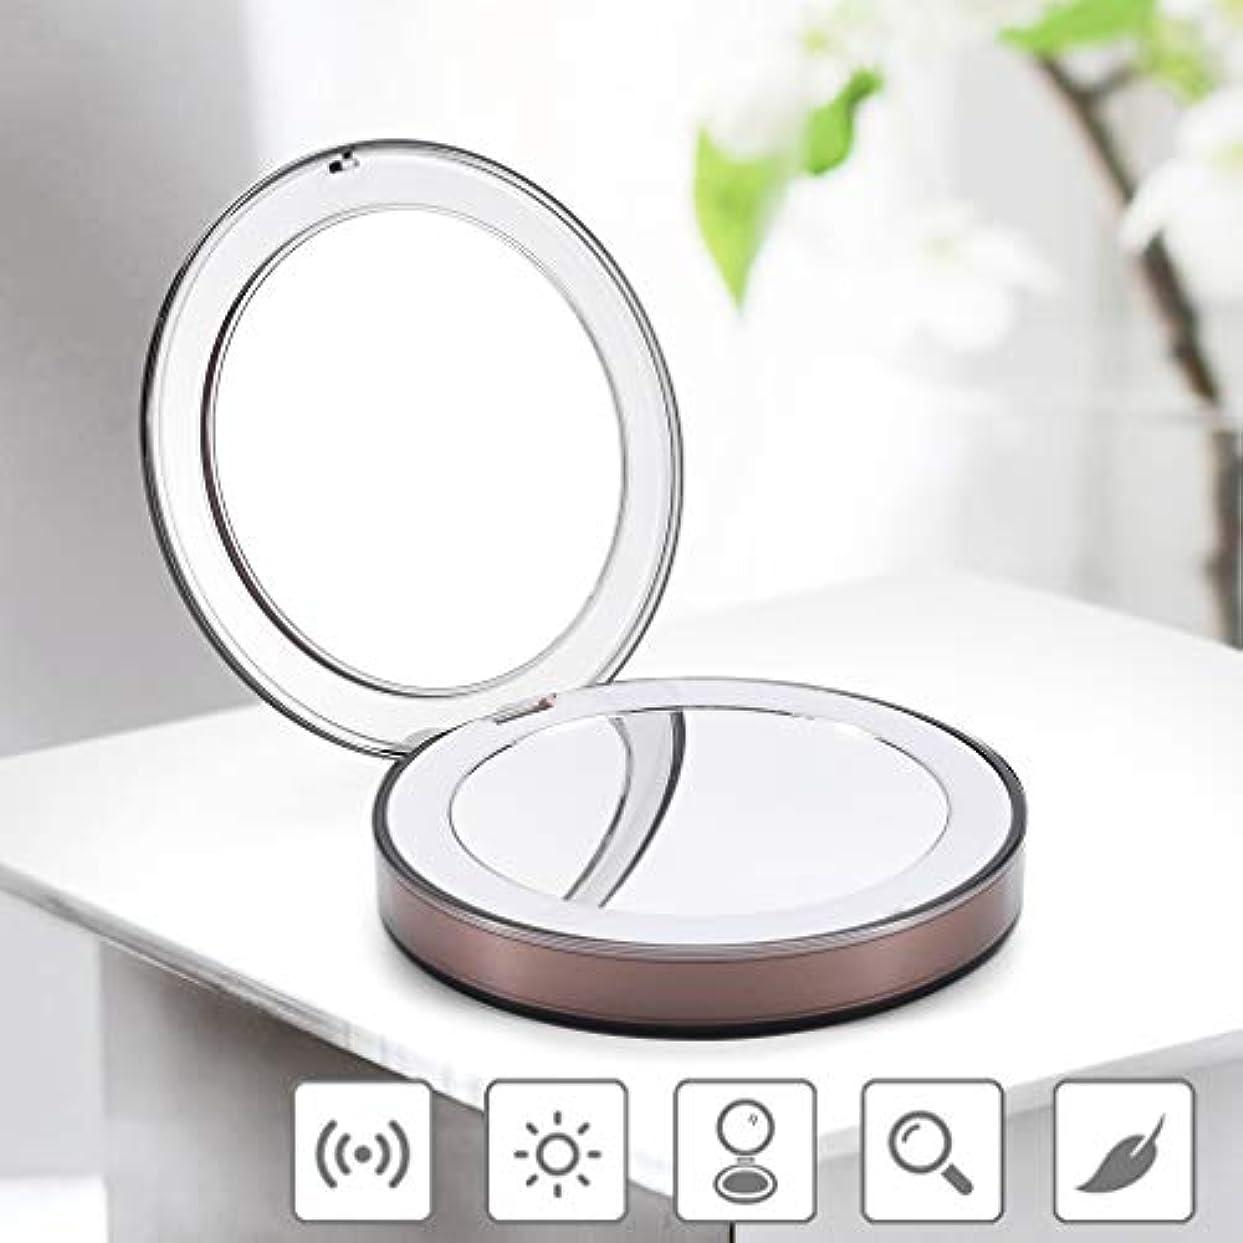 いたずらな姪受け取る旅行镜 化粧鏡 ポケットミラー 二面鏡 3倍拡大鏡 ダブルミラー ポータブルミラー メイクアップミラー パーフェクトポケットミラー